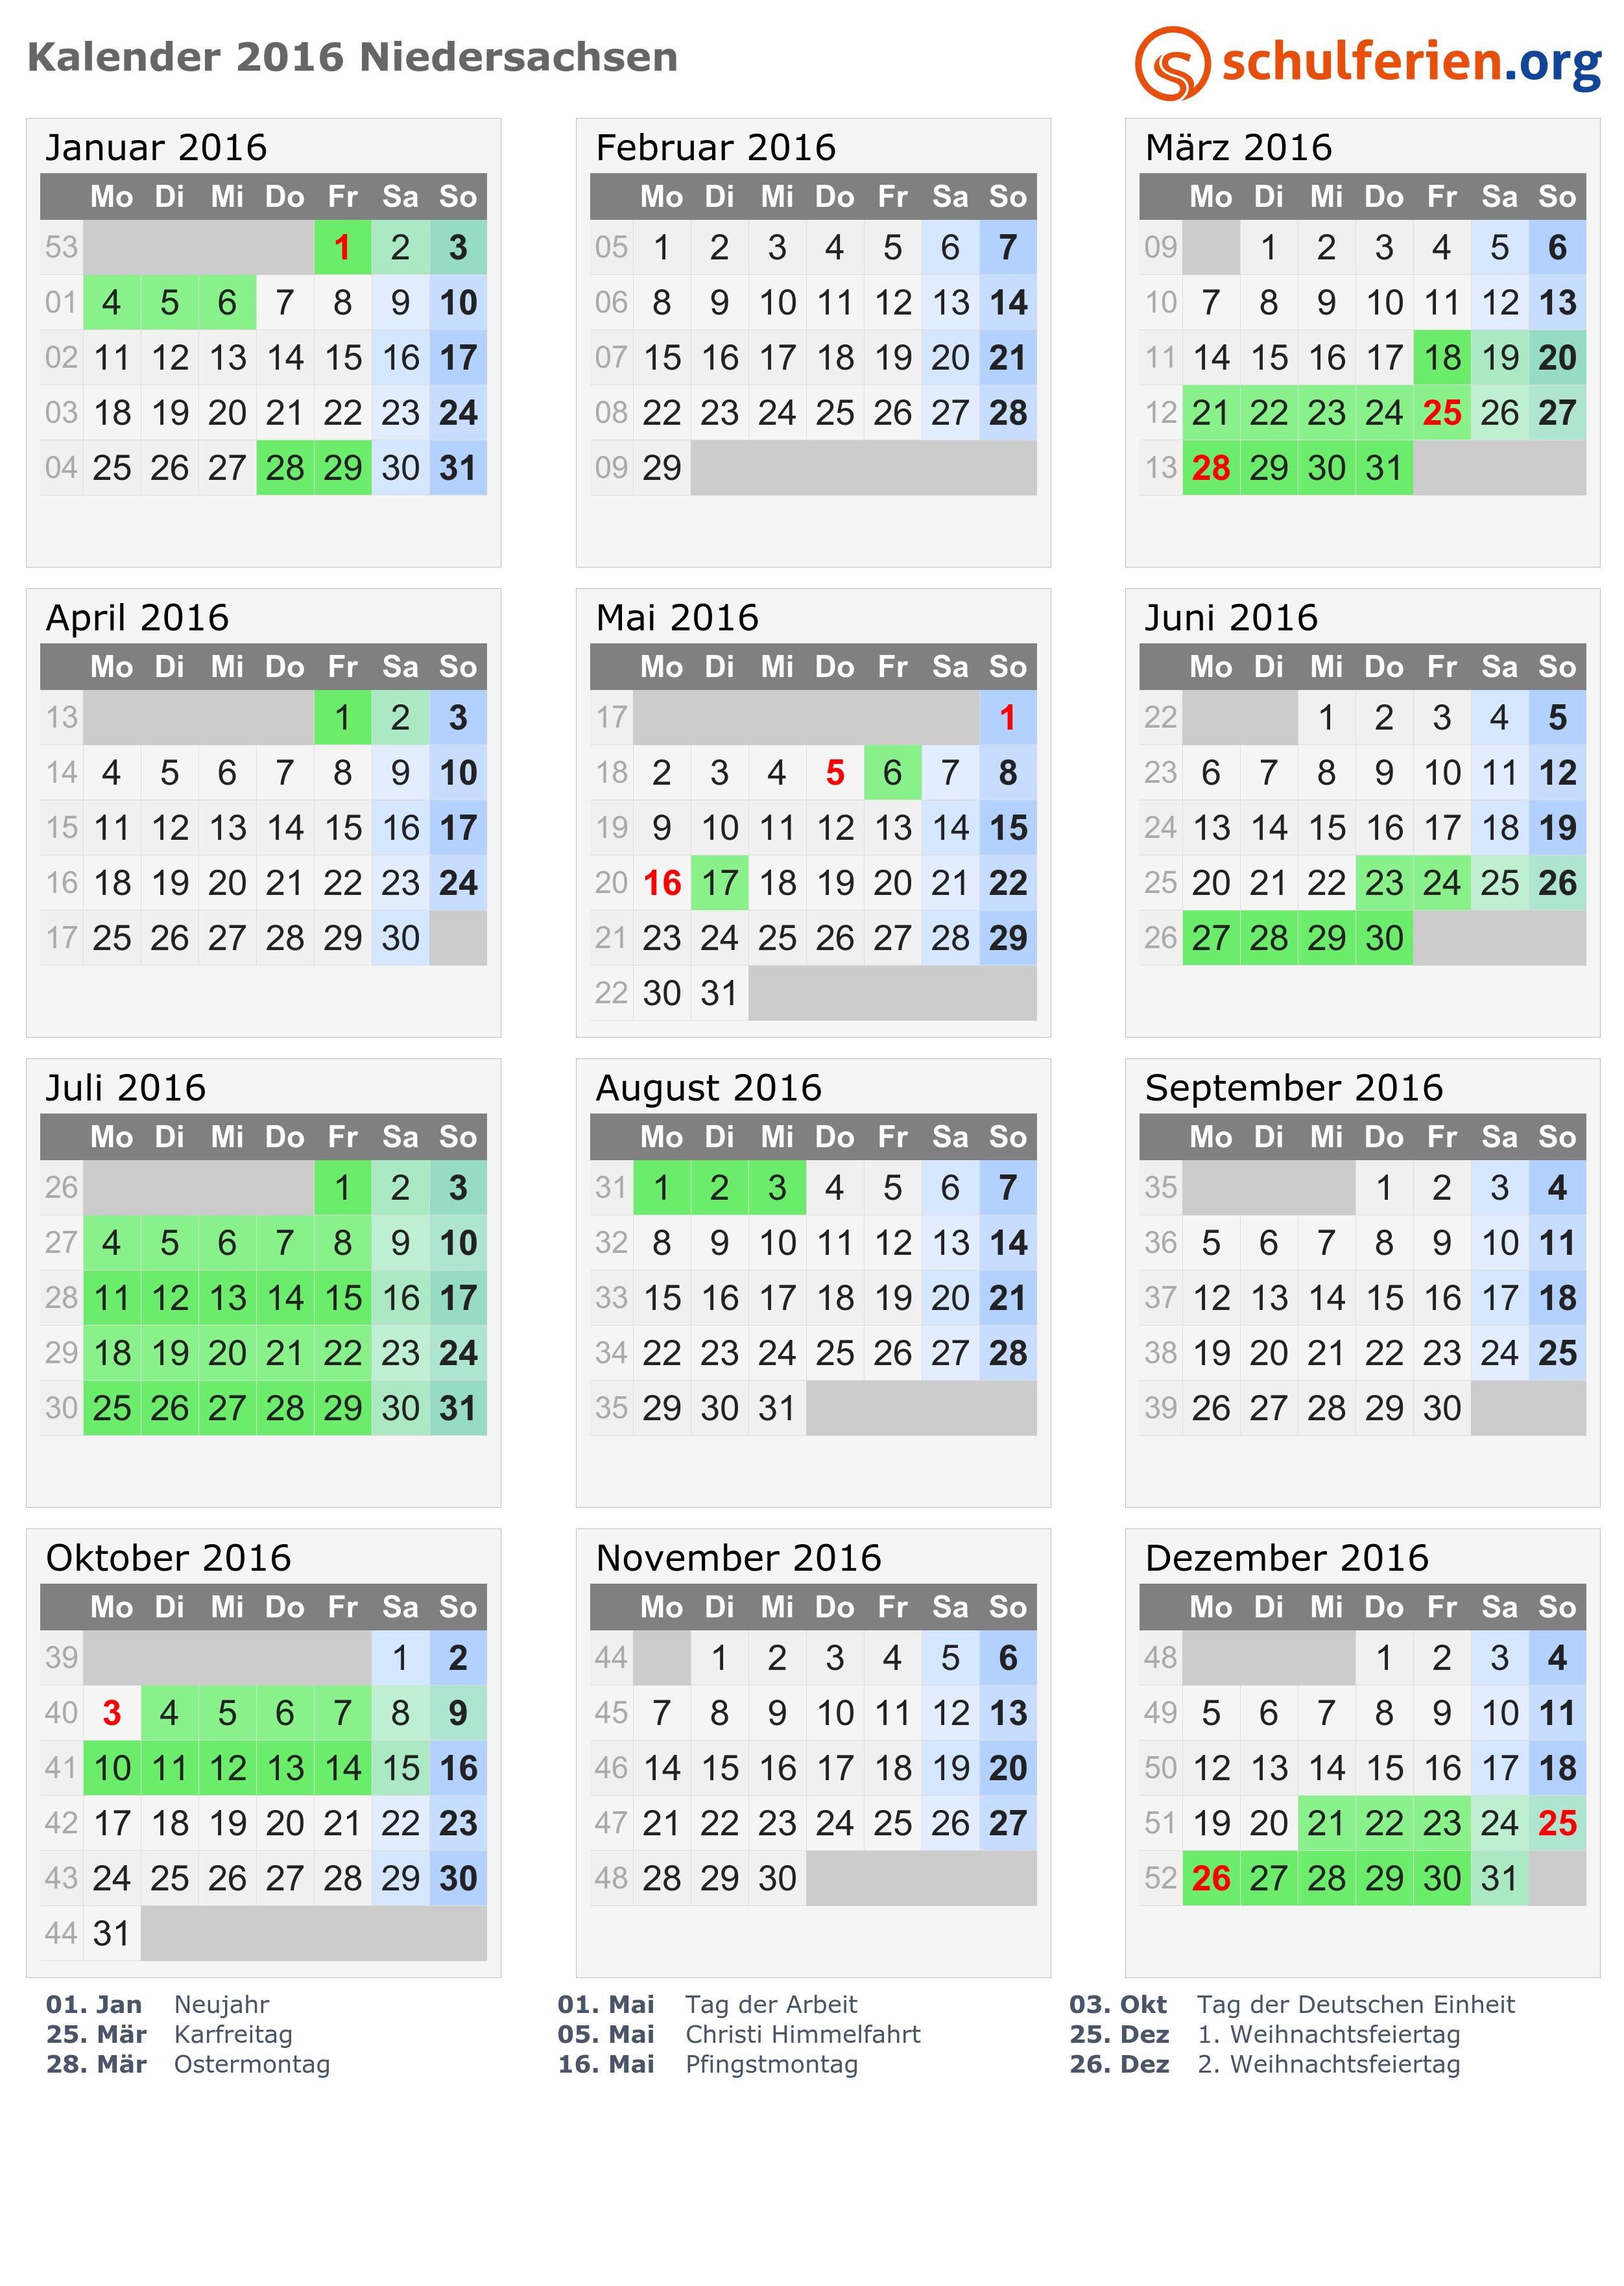 Kalender 2016 Ferien Niedersachsen Feiertage